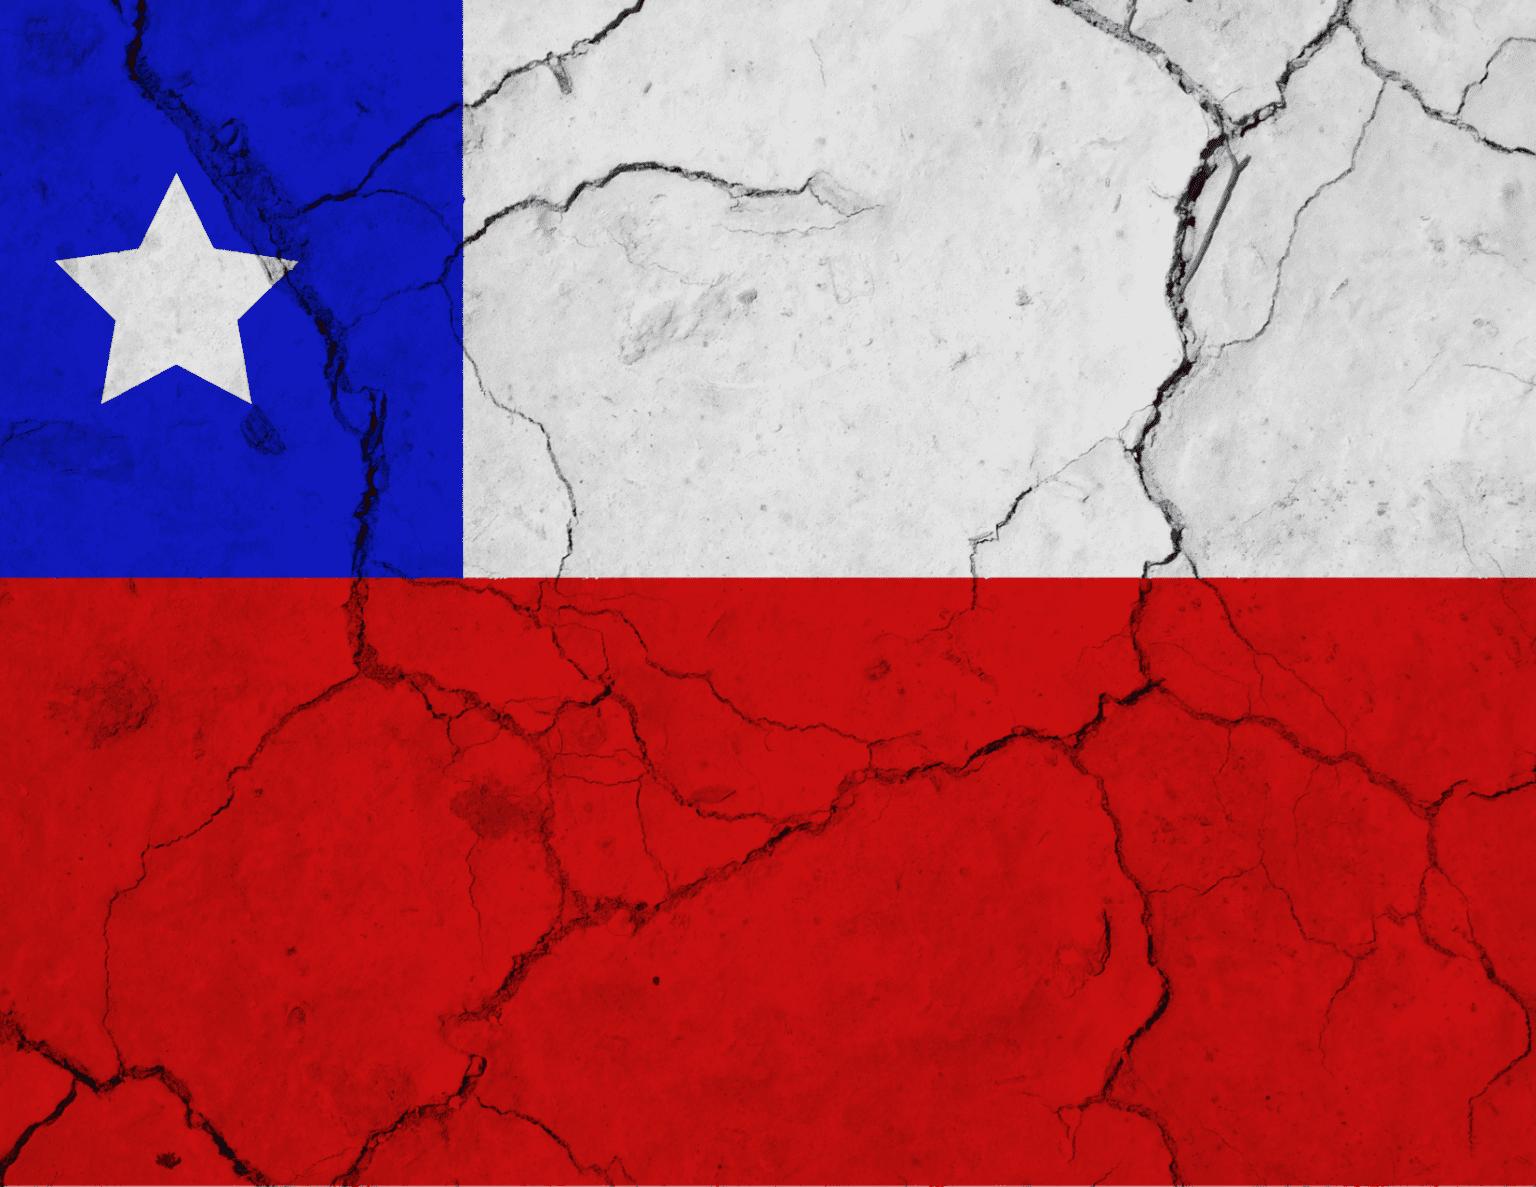 """Simposio """"Plebiscito constitucional en Chile"""" parte II: La ruptura constituyente en Chile: ideas para su caracterización y su proyección por Jaime Gajardo"""